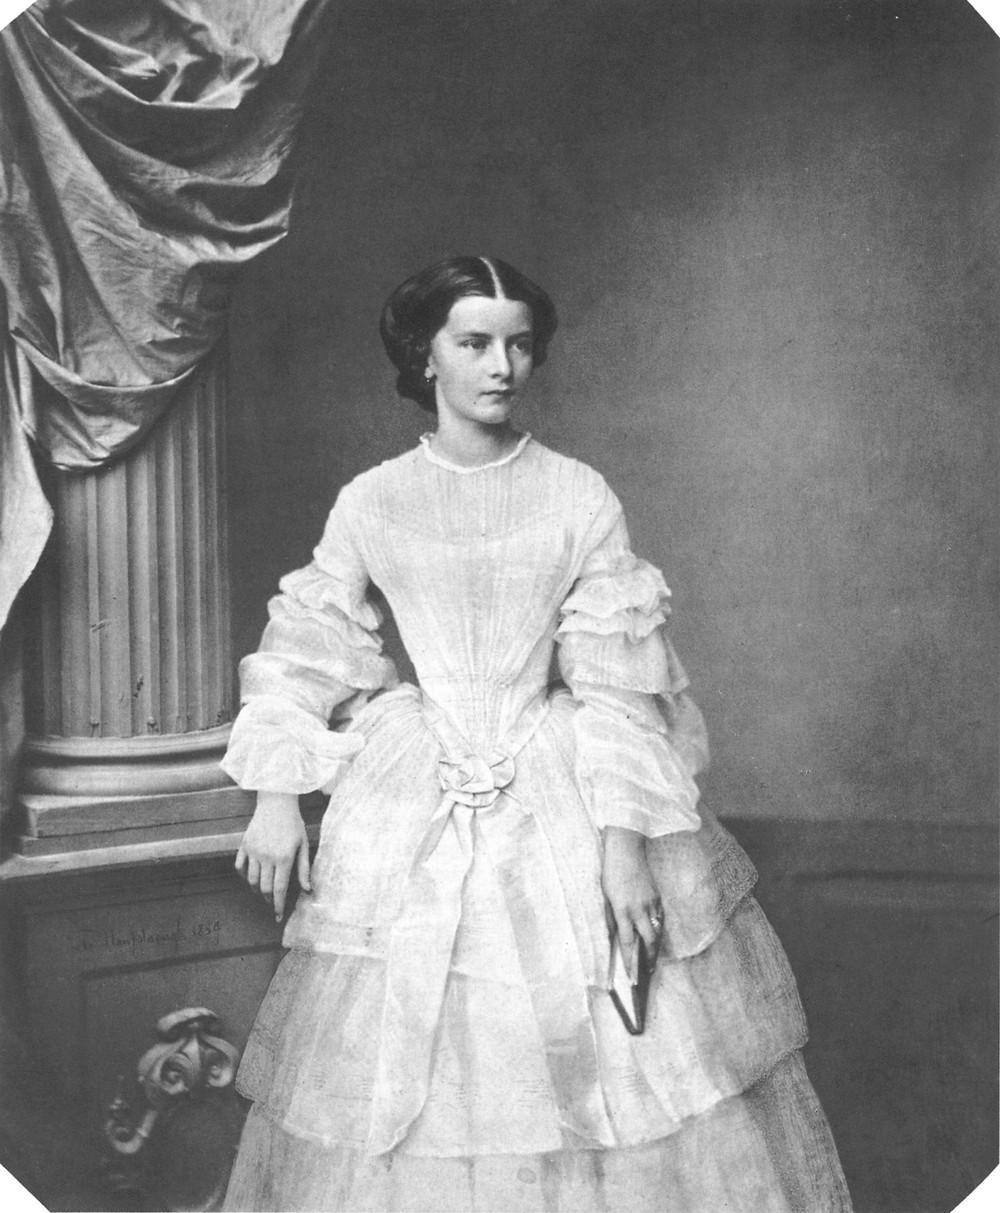 a young Elisabeth